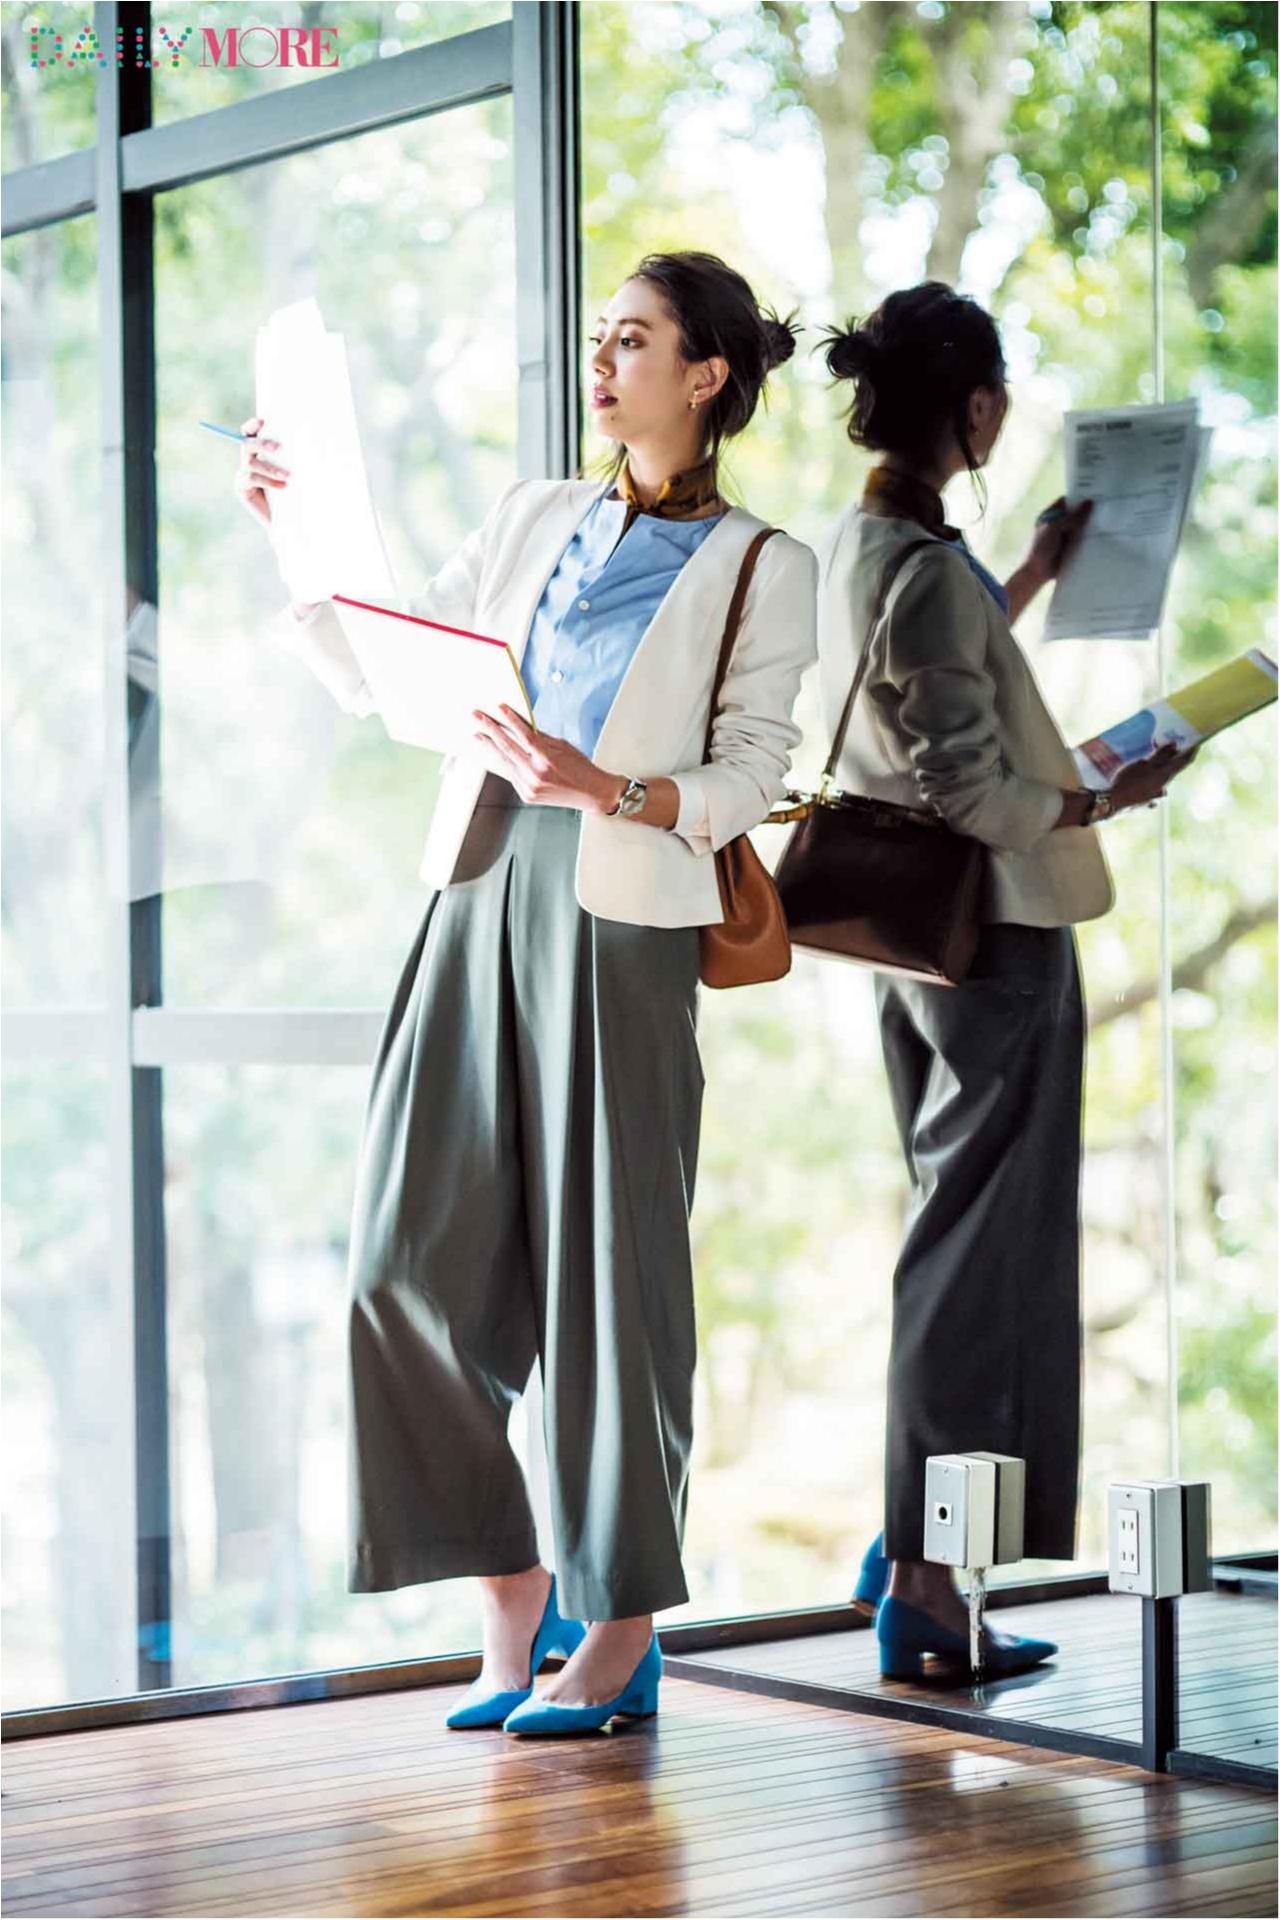 【今日のコーデ/土屋巴瑞季】通勤仕様のパンツコーデに白ジャケットで洗練感と女らしさを。_1